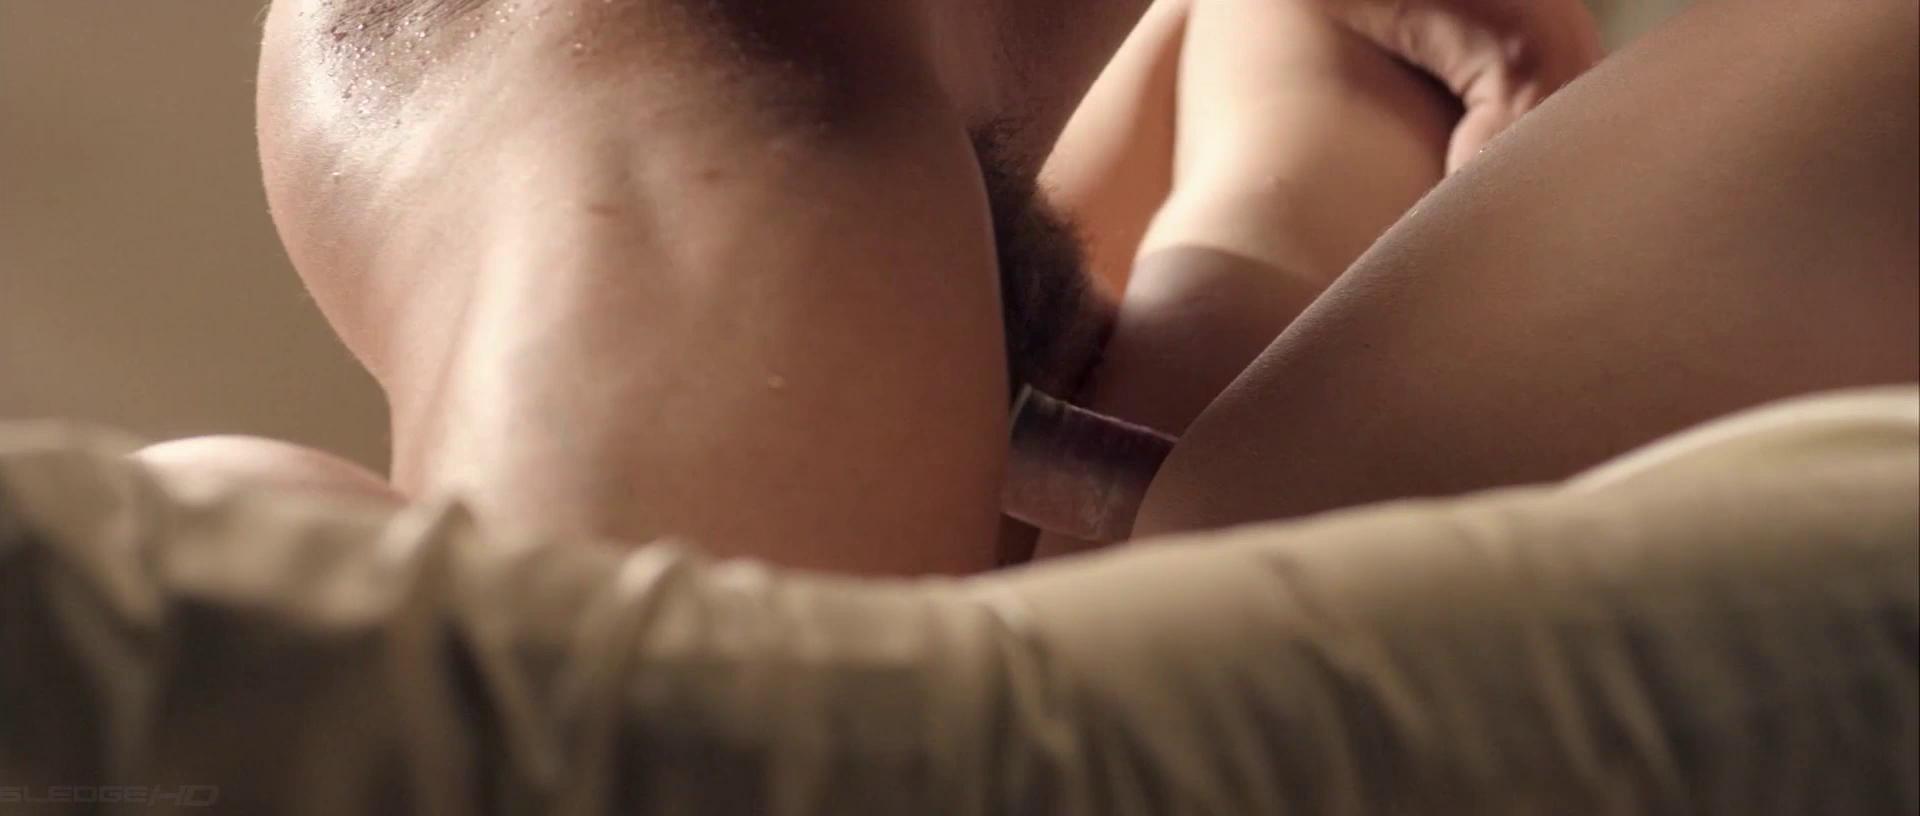 Gabriela de la garza nude